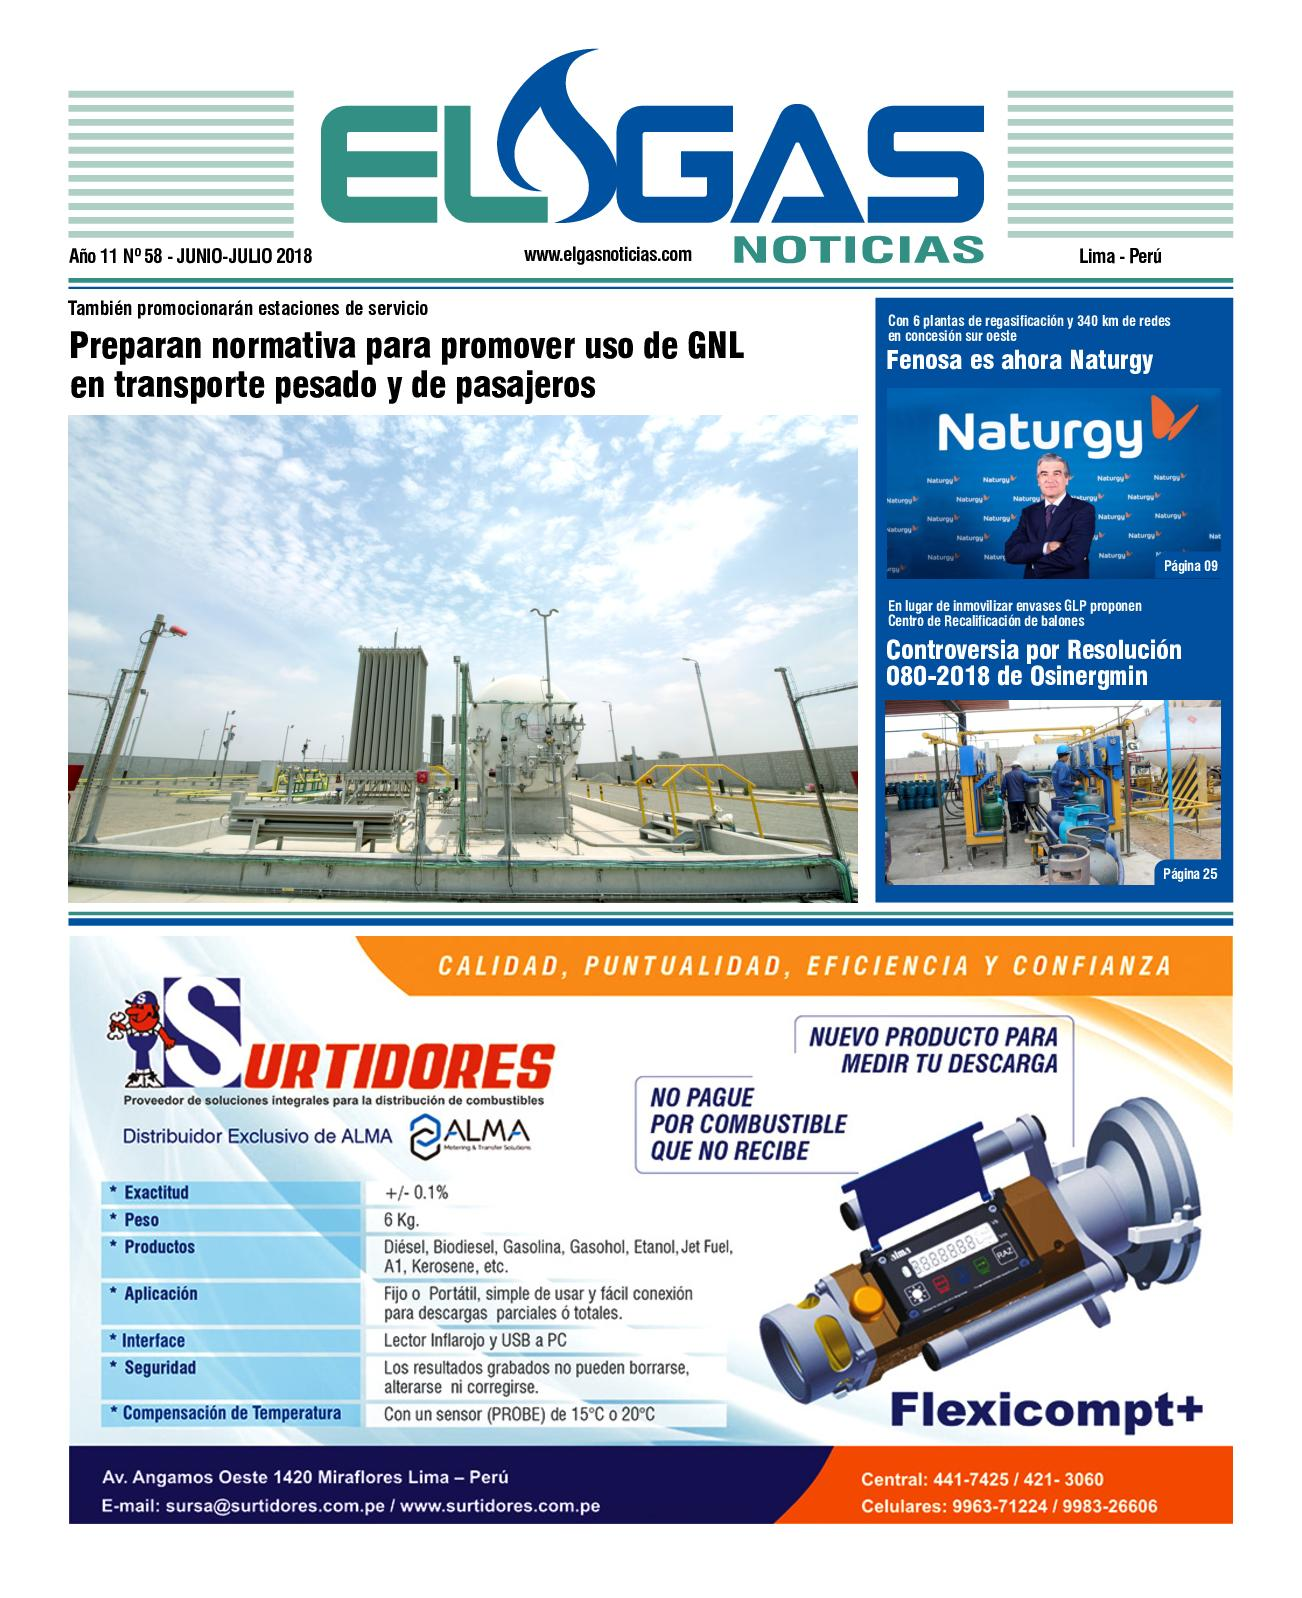 3e562e08edf7 Calaméo - El Gas Noticias 58